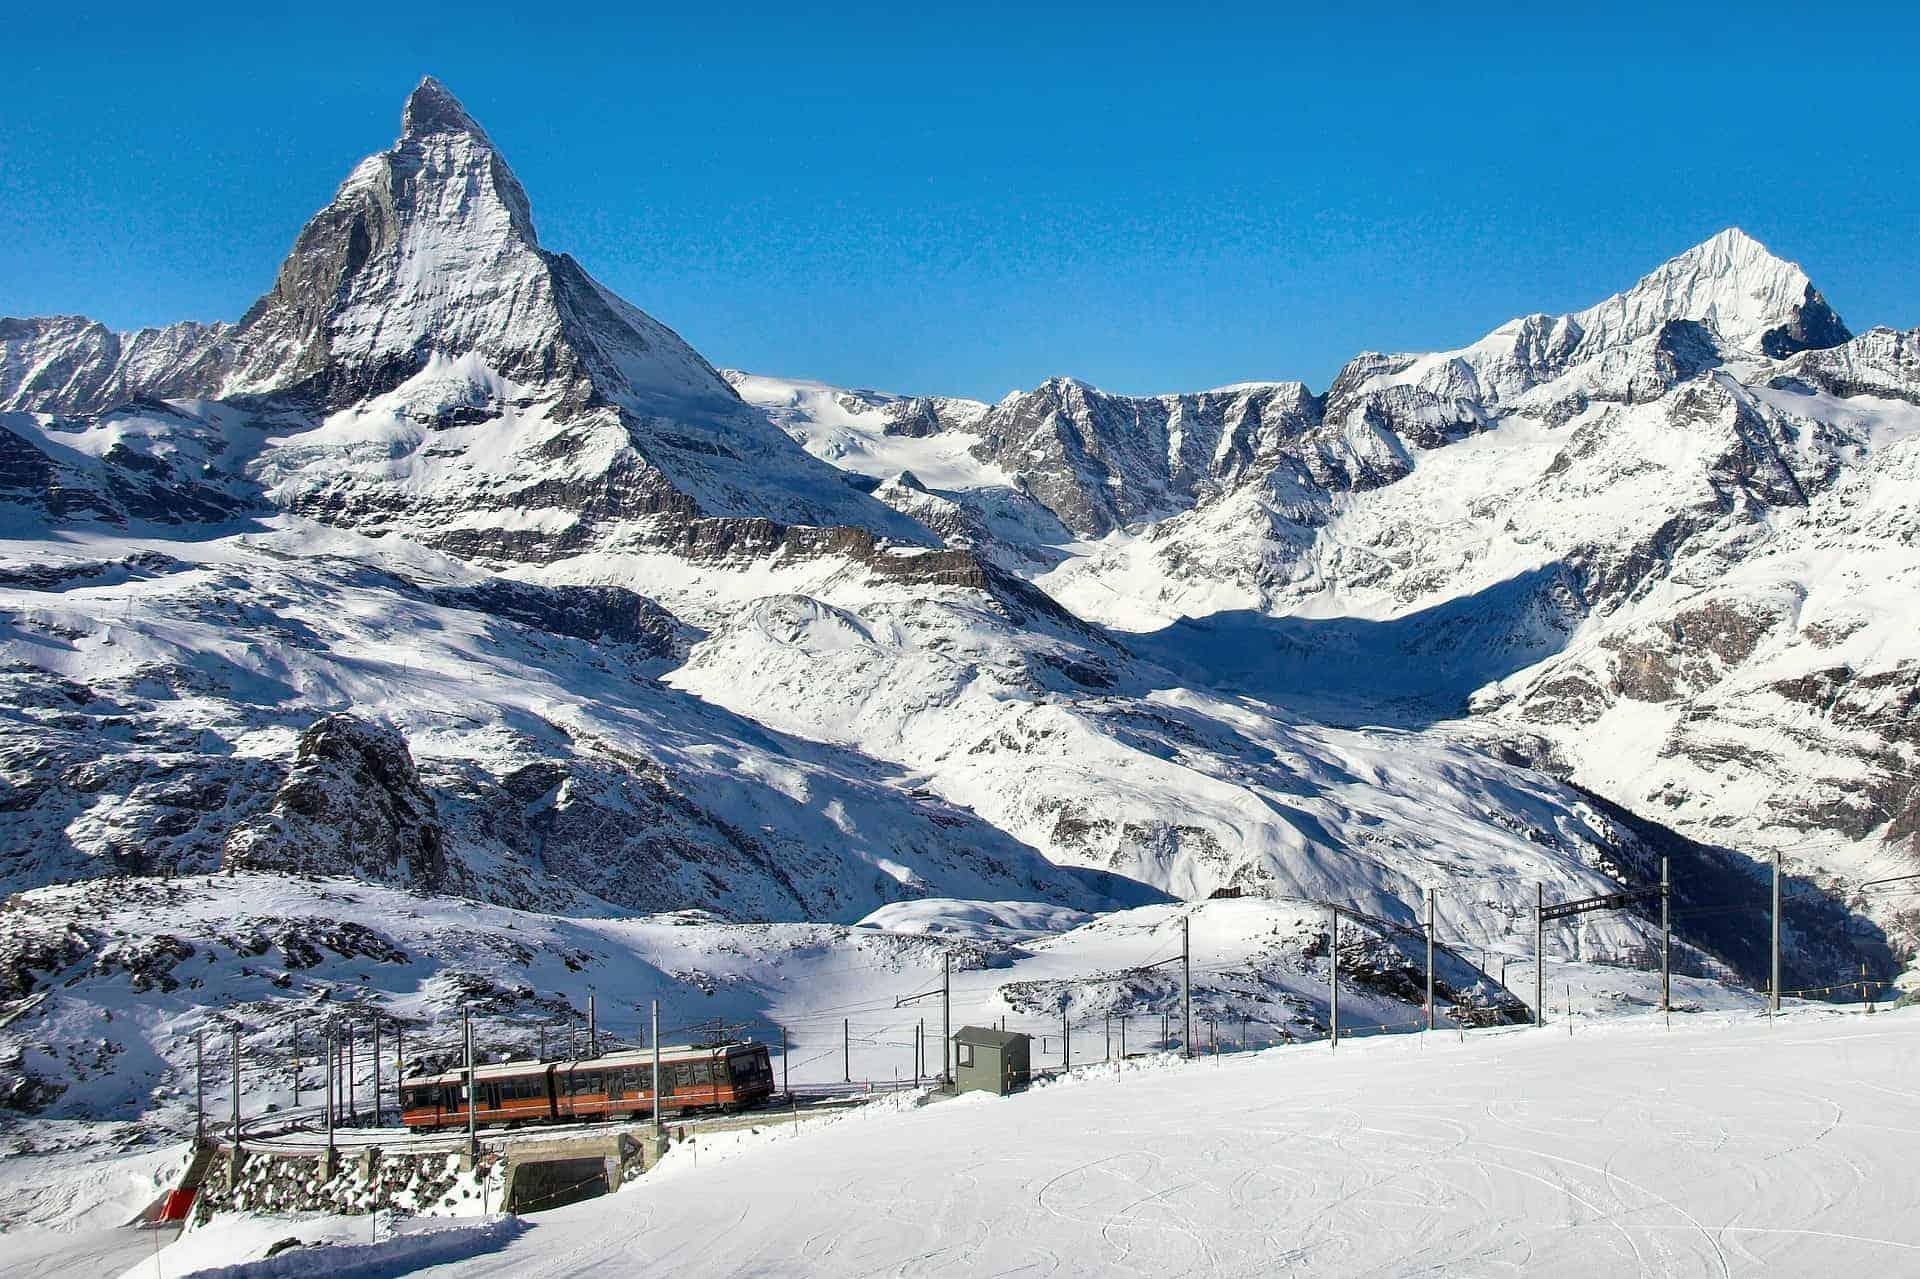 Gornergrat Matterhorn View